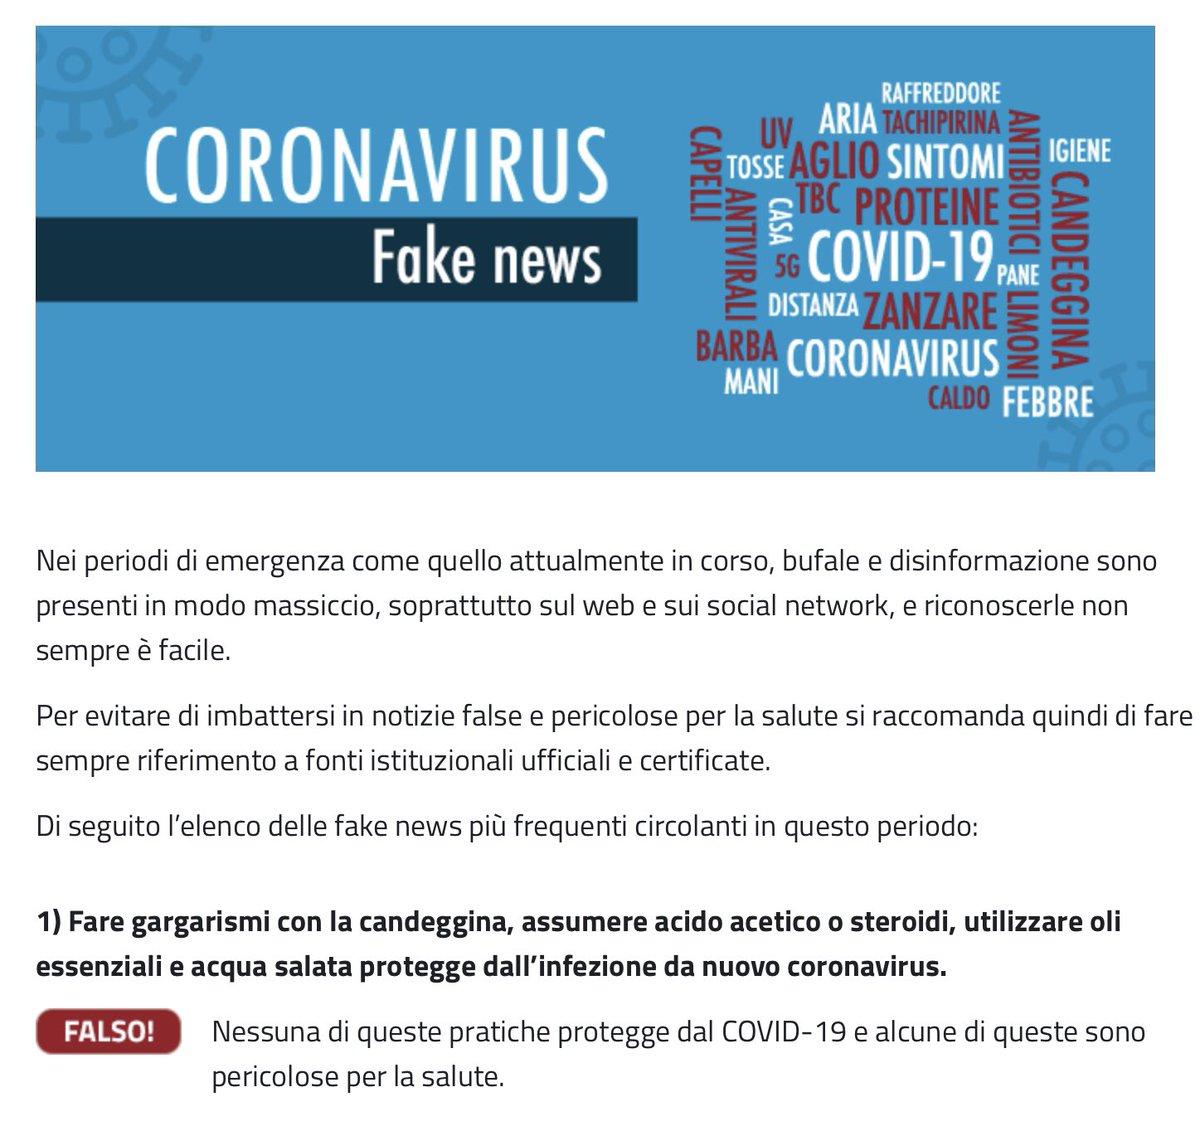 #COVID2019italia